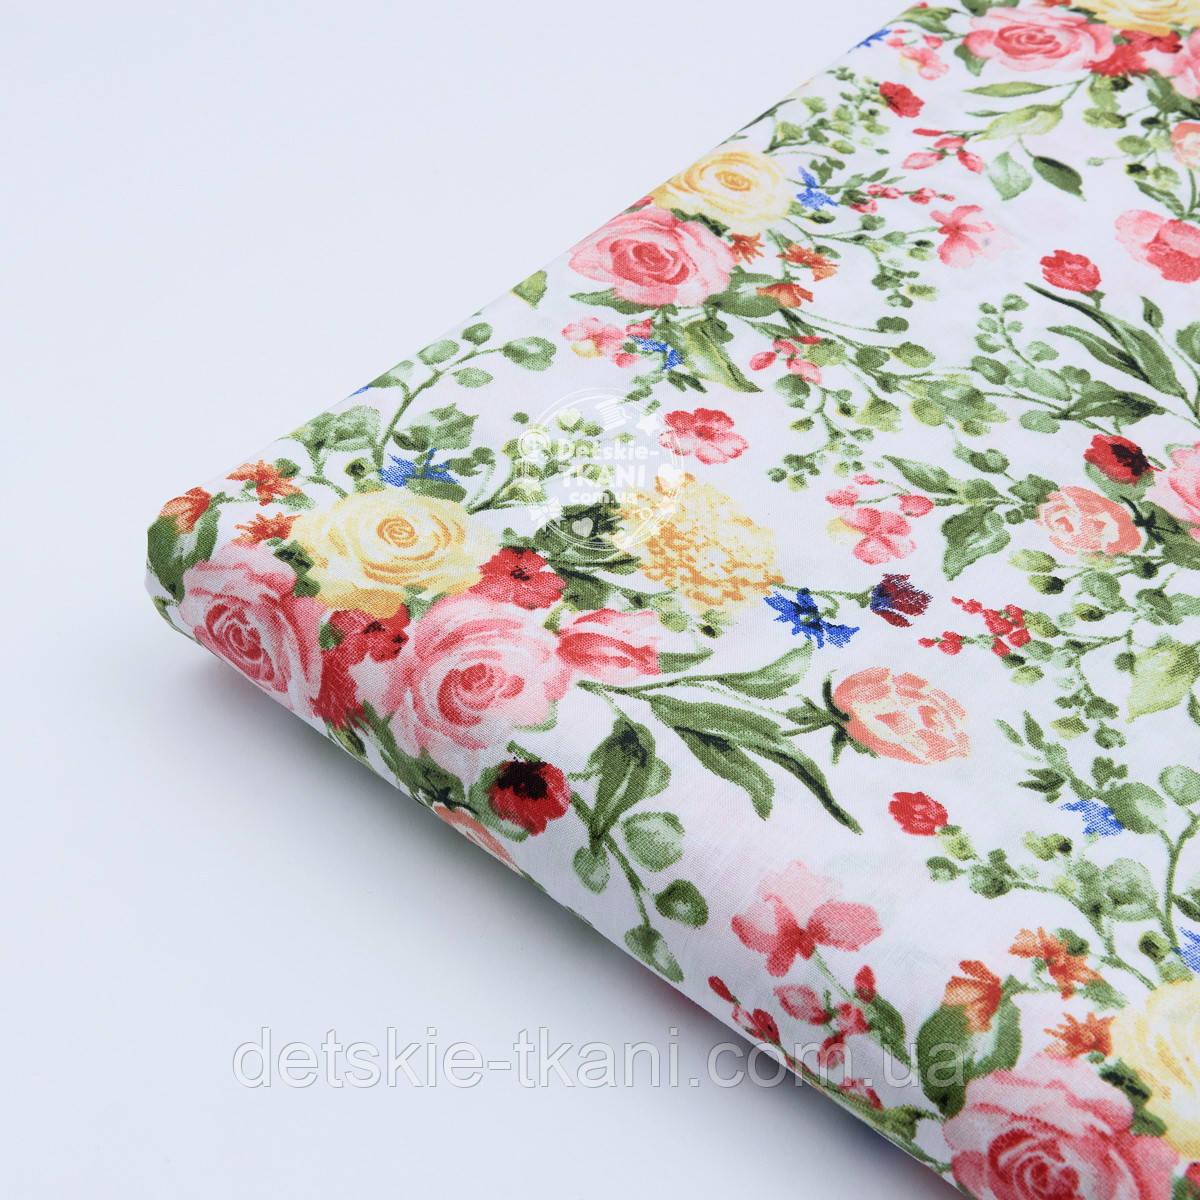 """Лоскут ткани """"Жёлто-коралловые букетики"""" на белом №1822а, размер 29*80 см"""